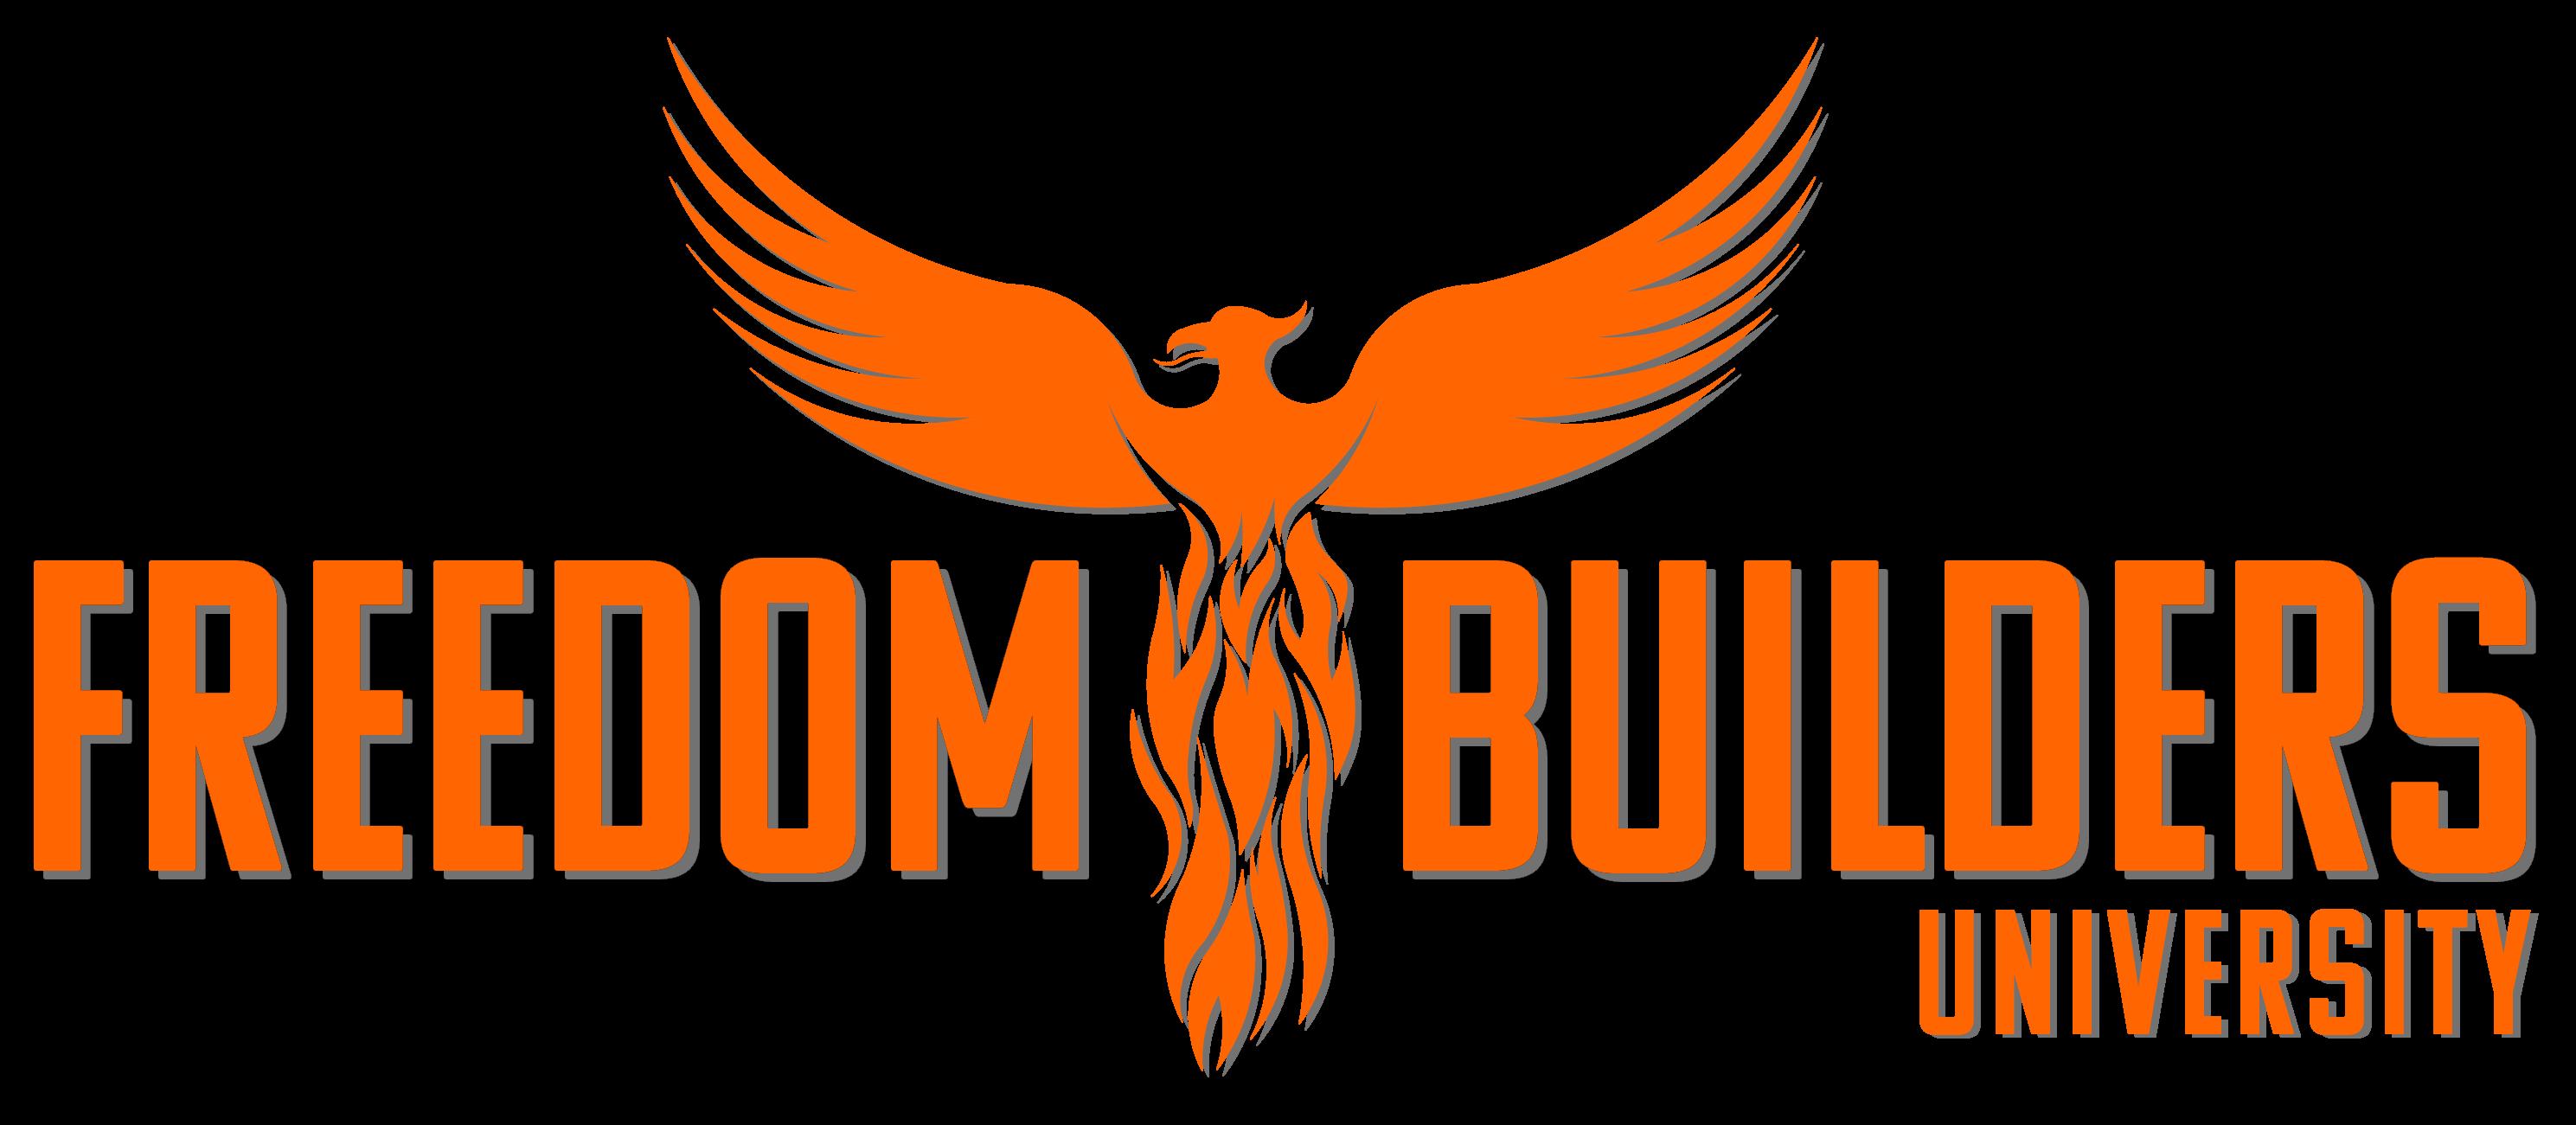 Freedom Builders University